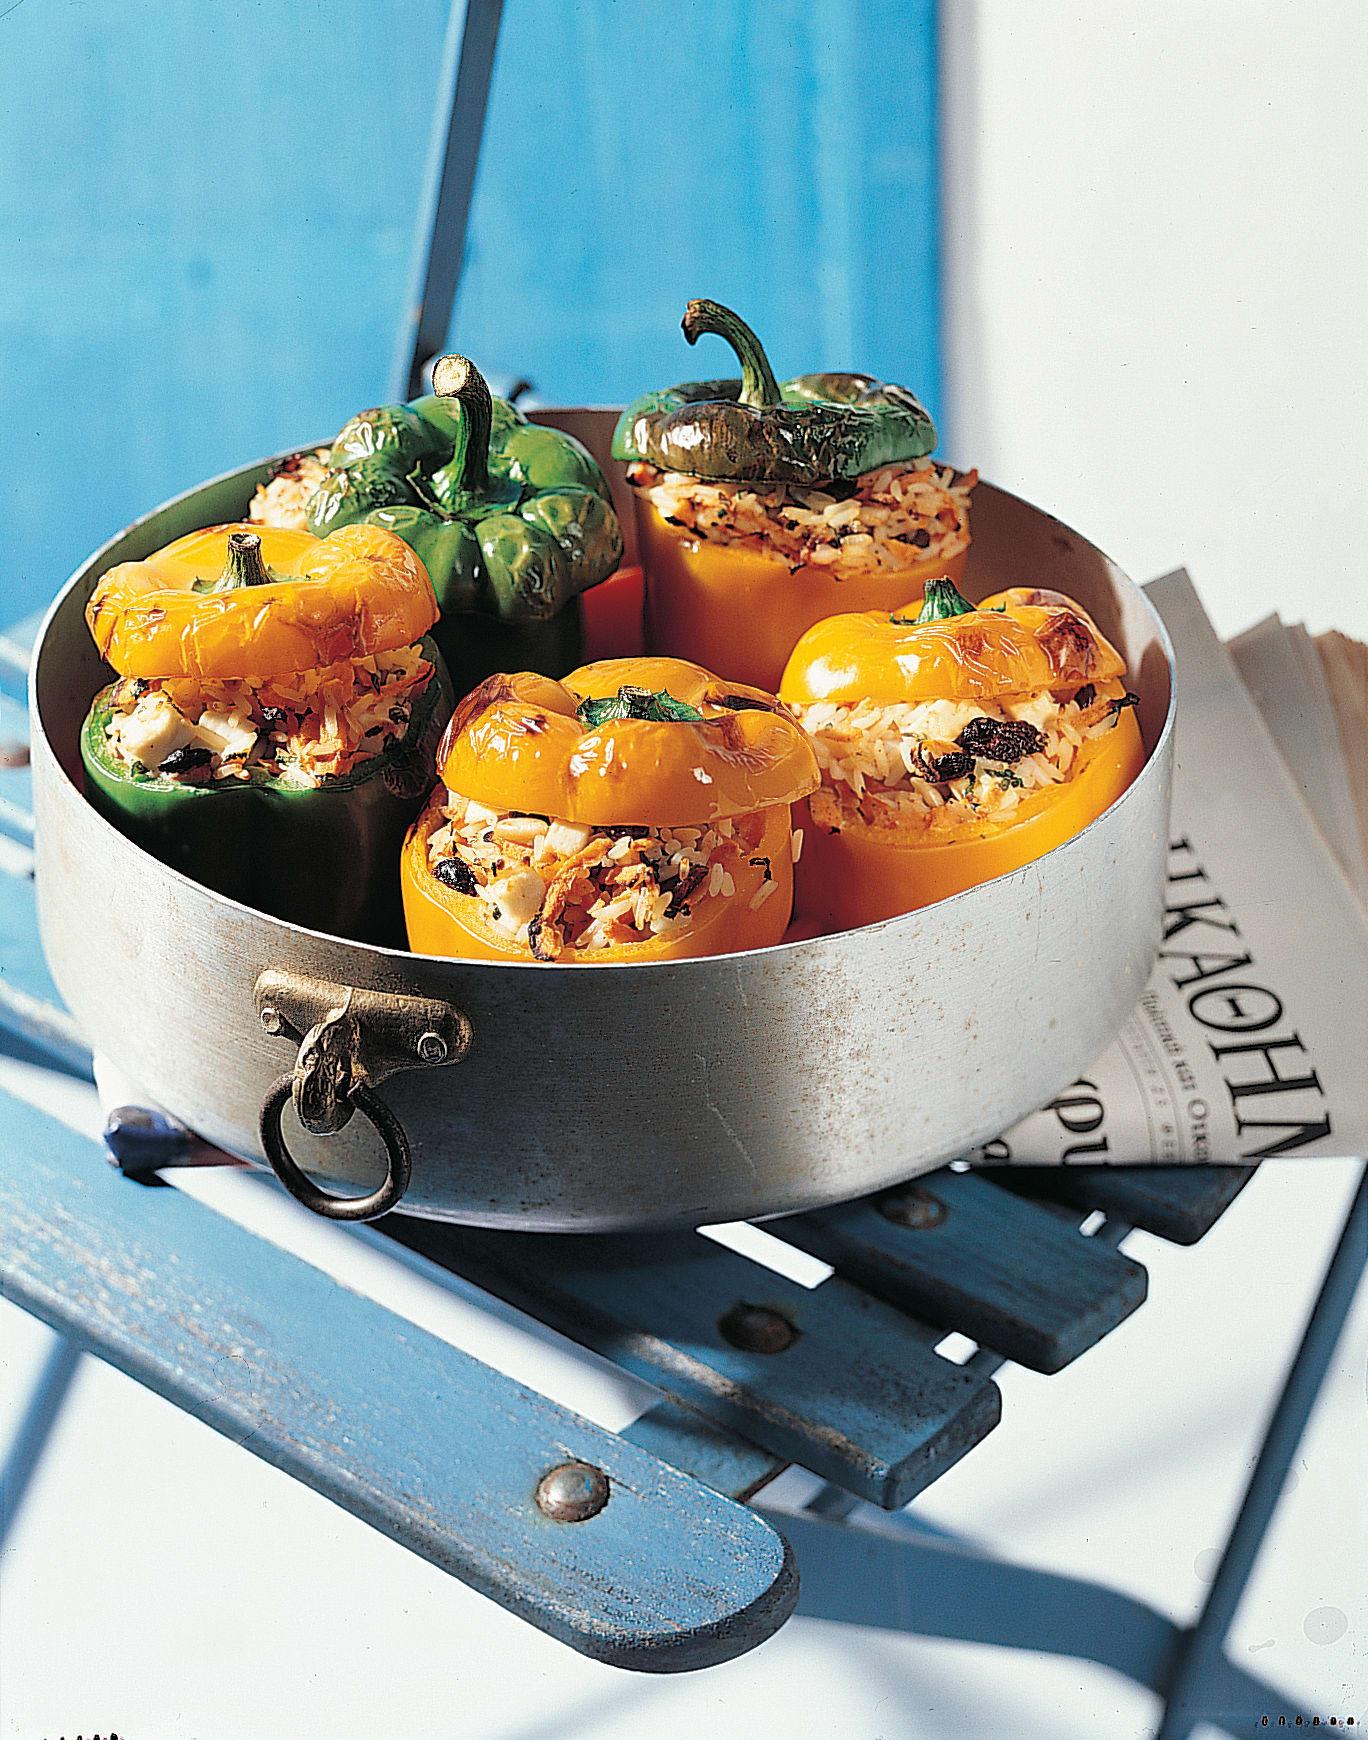 Poivrons farcis végétariens (Piperiés jemistés)